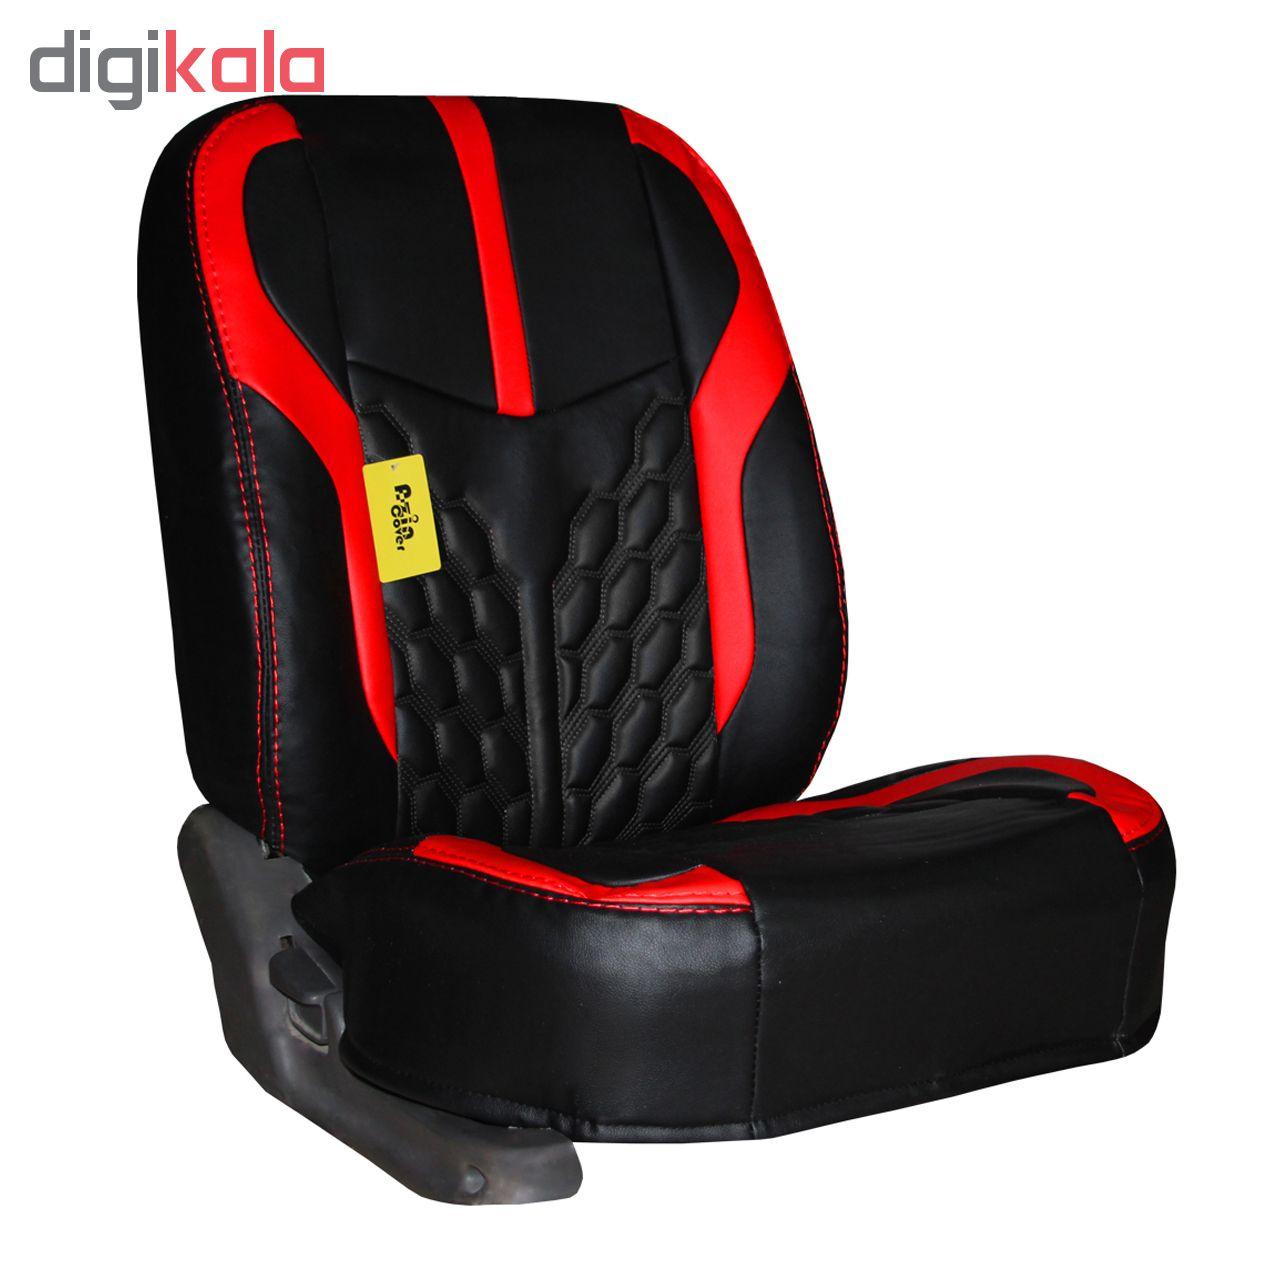 روکش صندلی خودرو آذین کاور کد AZ103 مناسب برای سمند